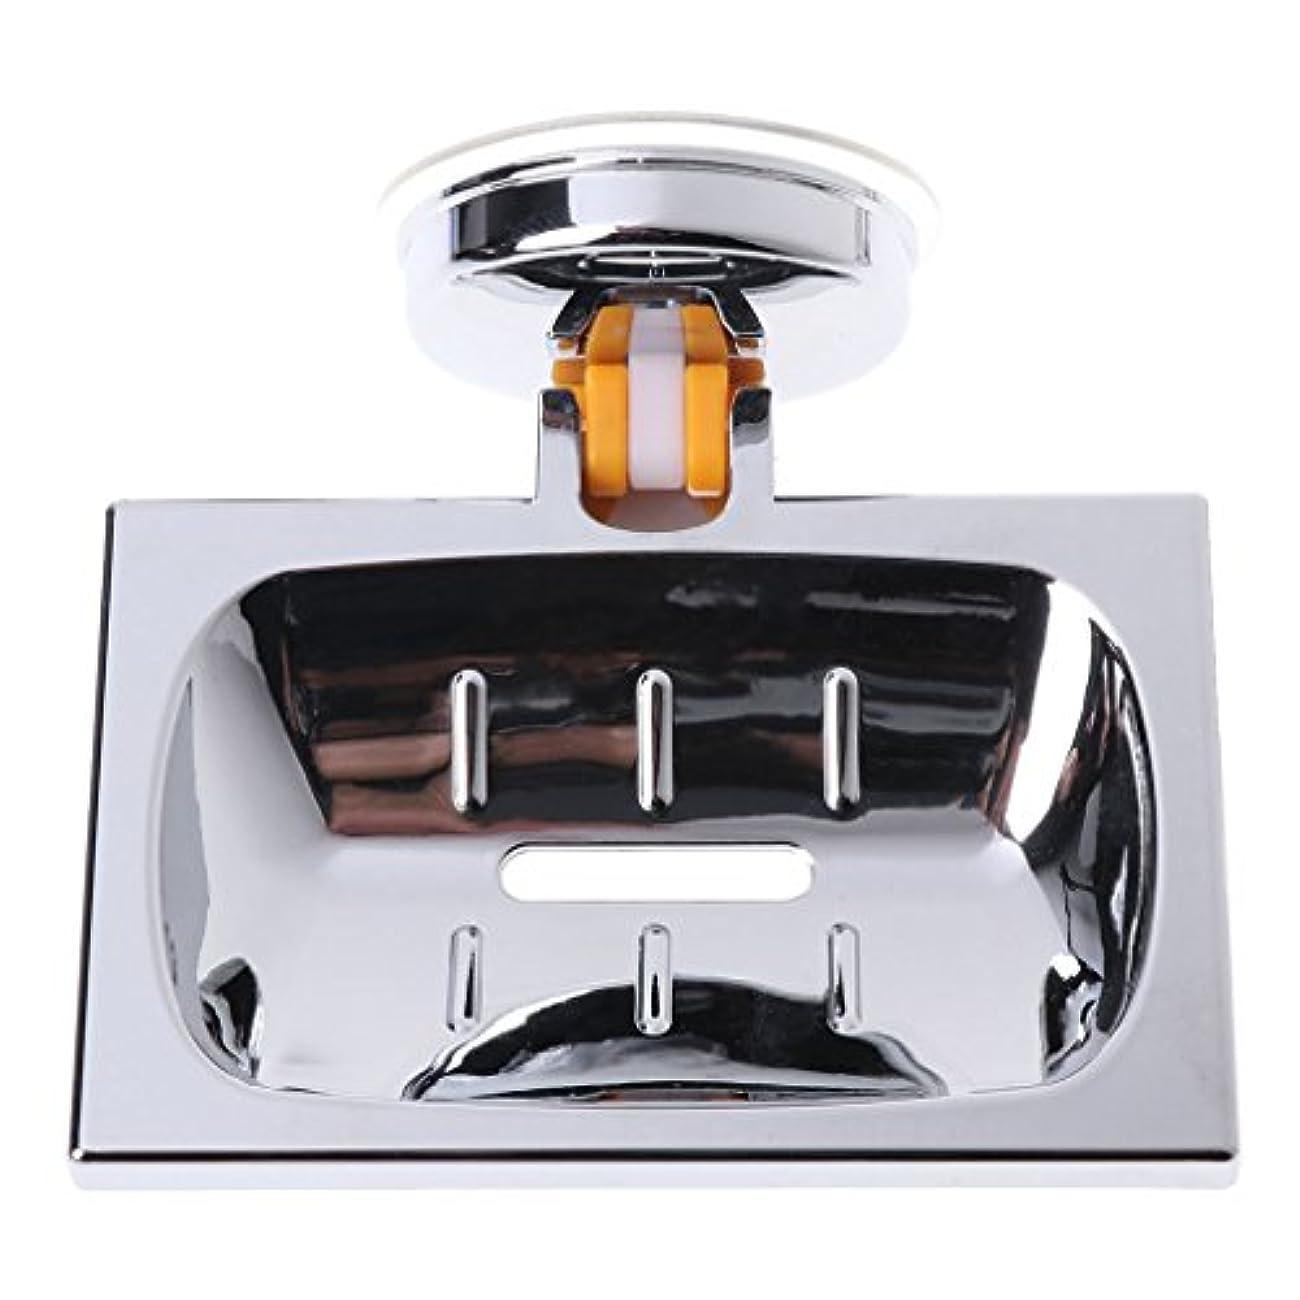 気性じゃがいも確認Lamdooウォールサクションカップバスルームバスシャワーコンテナソープディッシュホルダーケースバスケット01